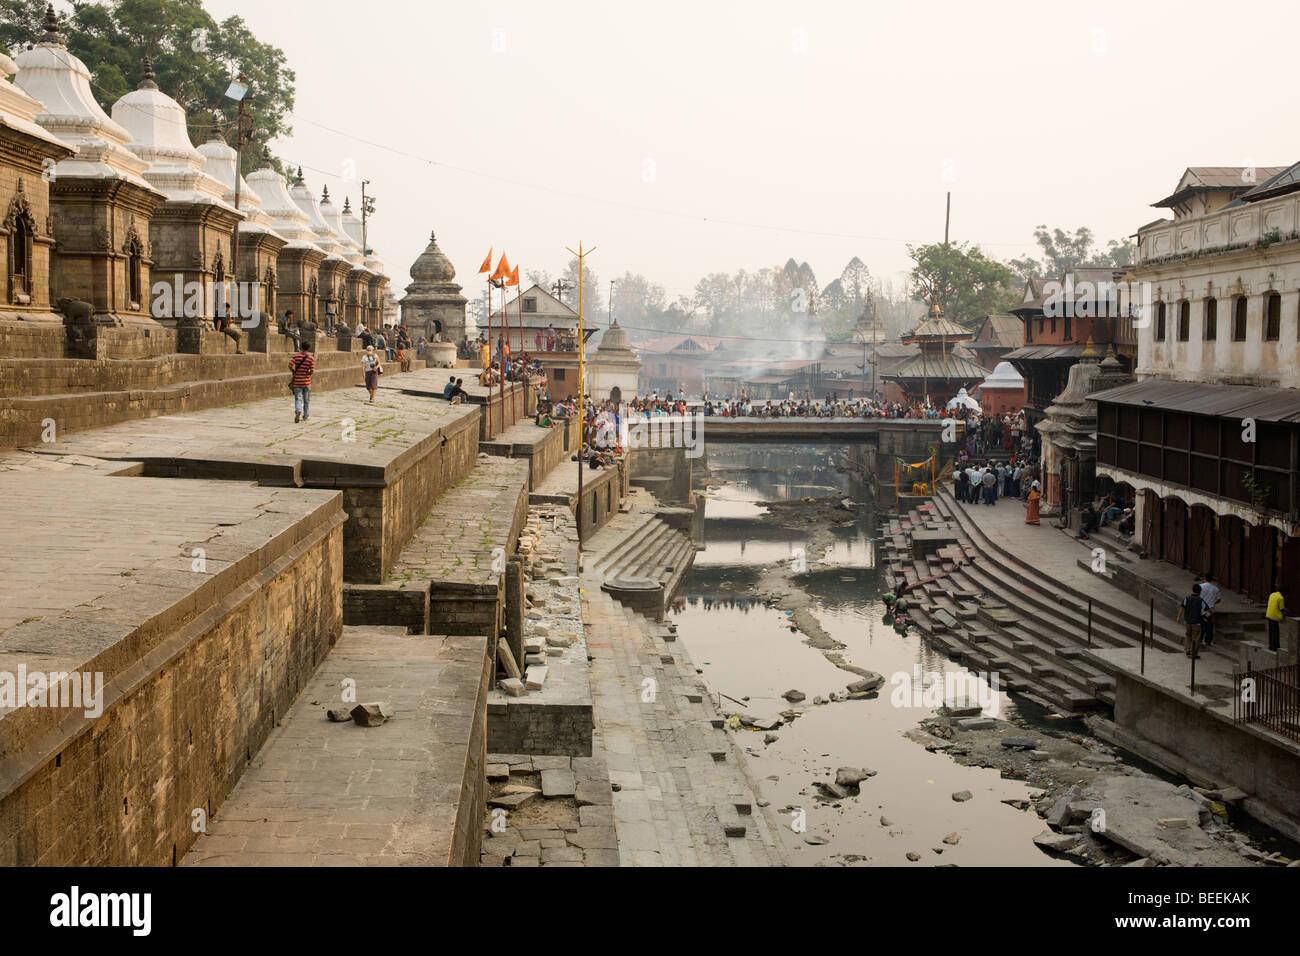 Bagmati river near Pashupatinath Temple. Kathmandu, Nepal - Stock Image